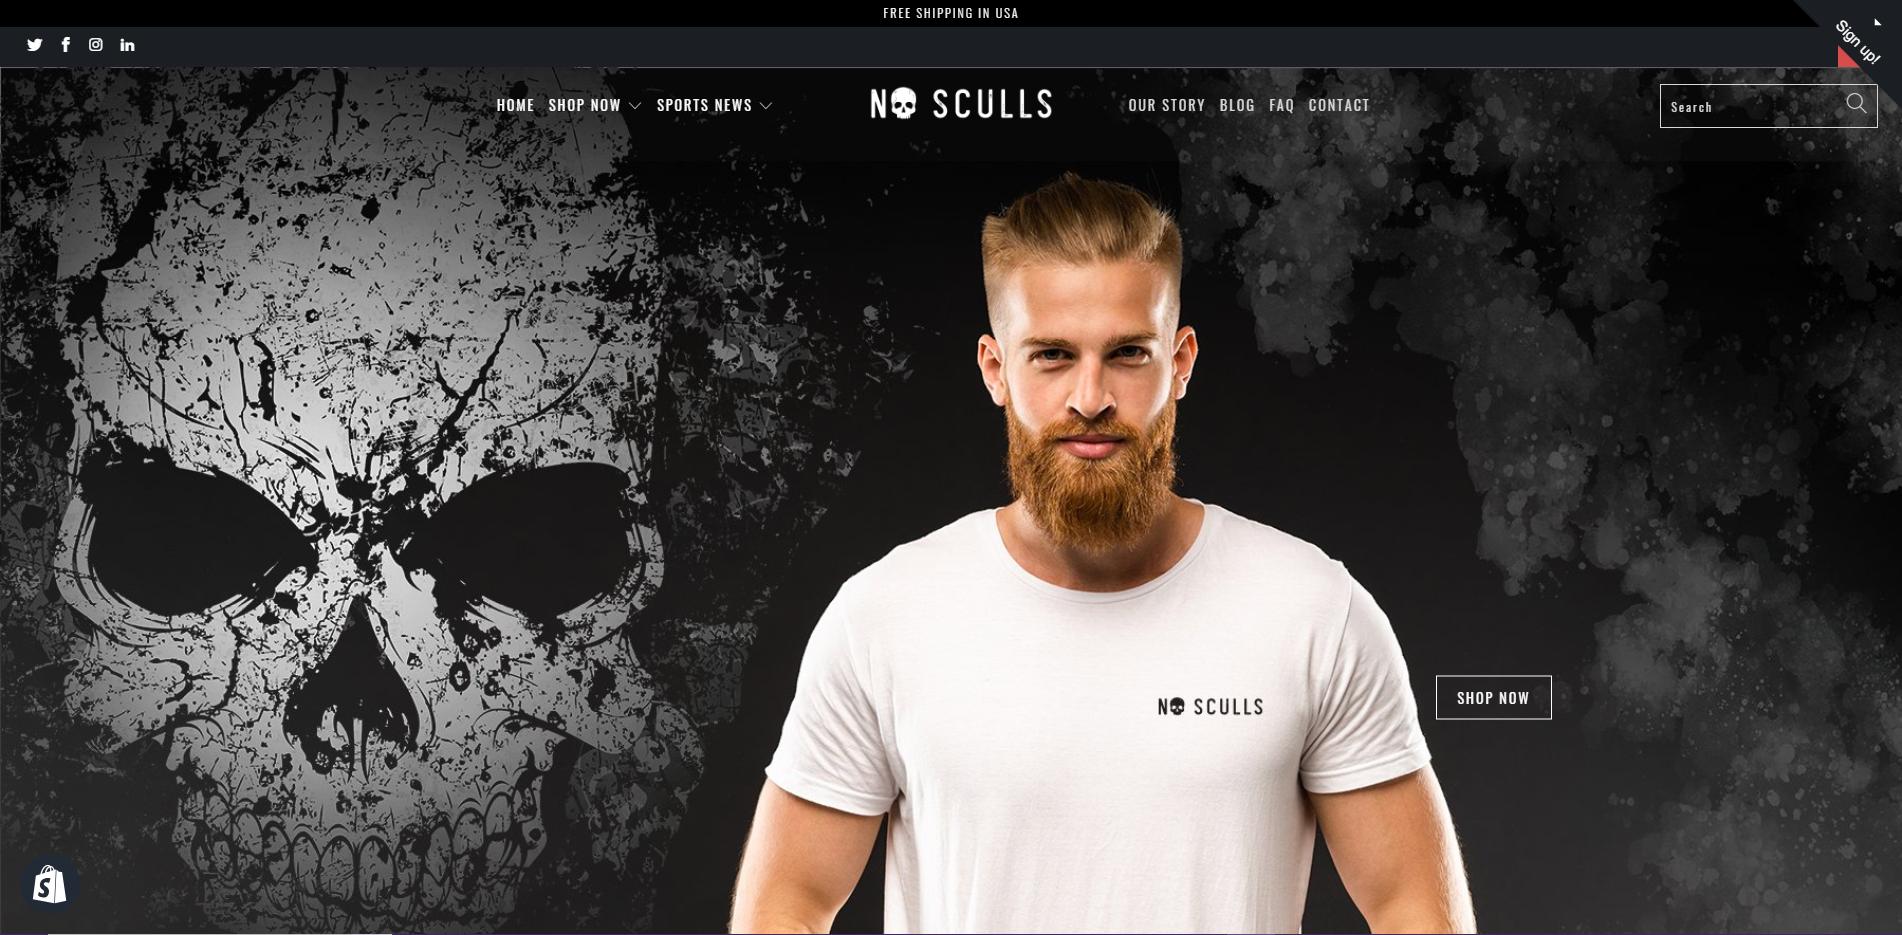 No Sculls